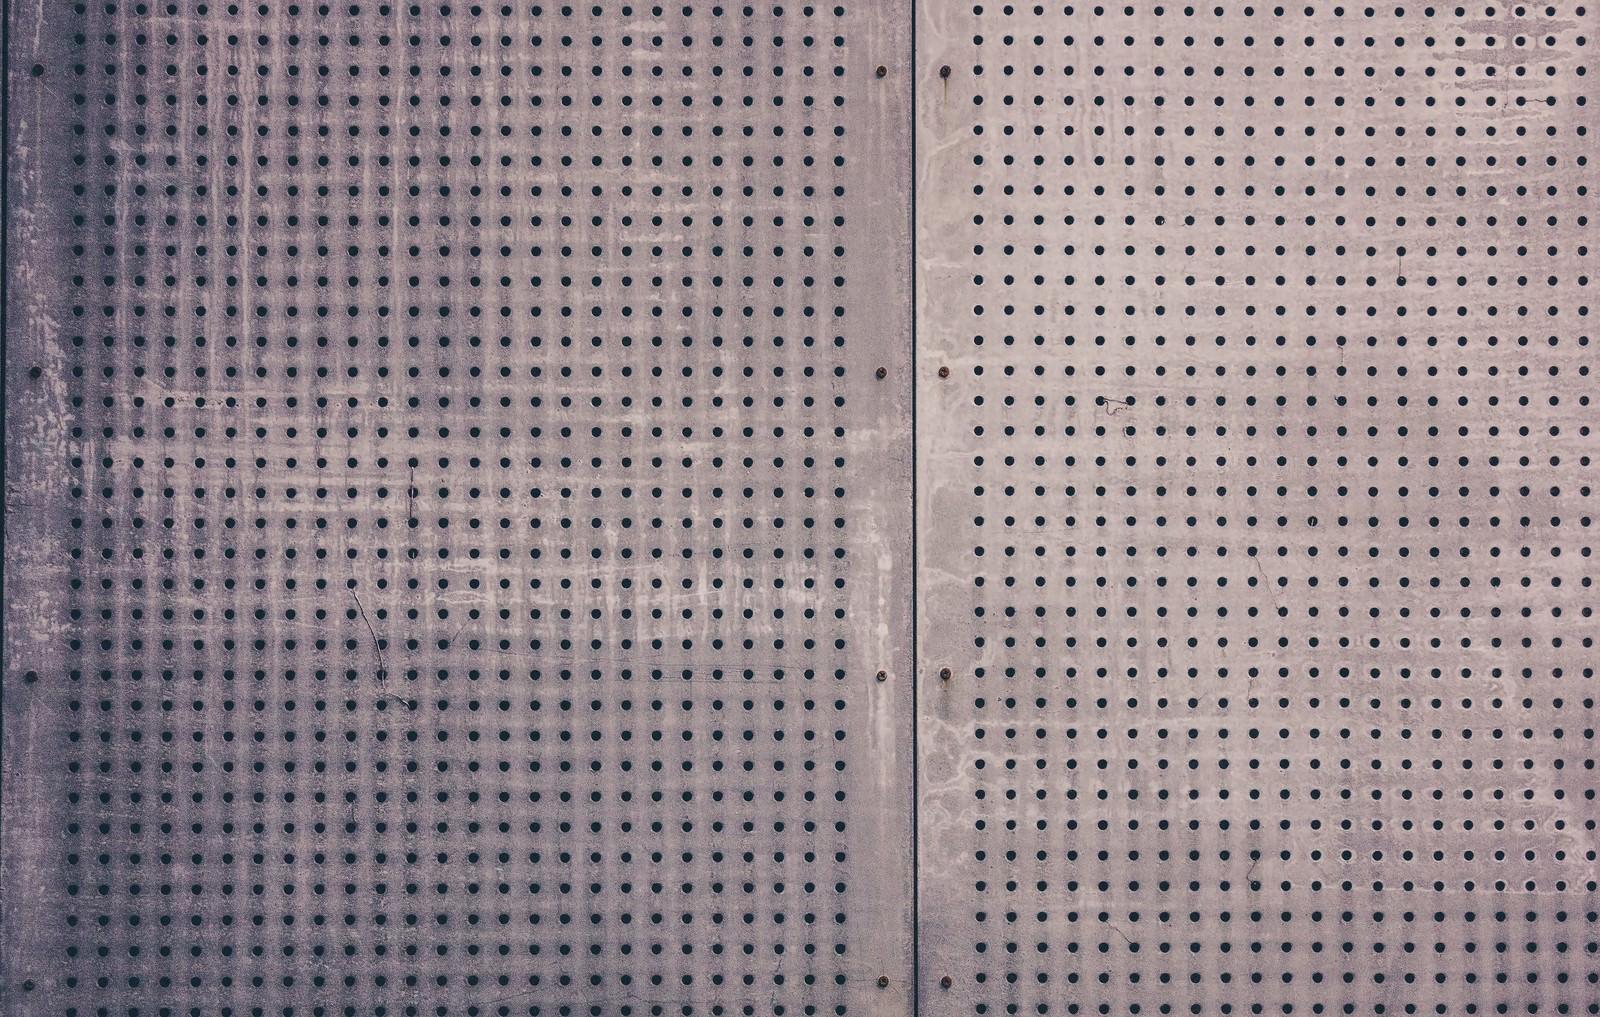 「穴の空いた板(テクスチャー)」の写真